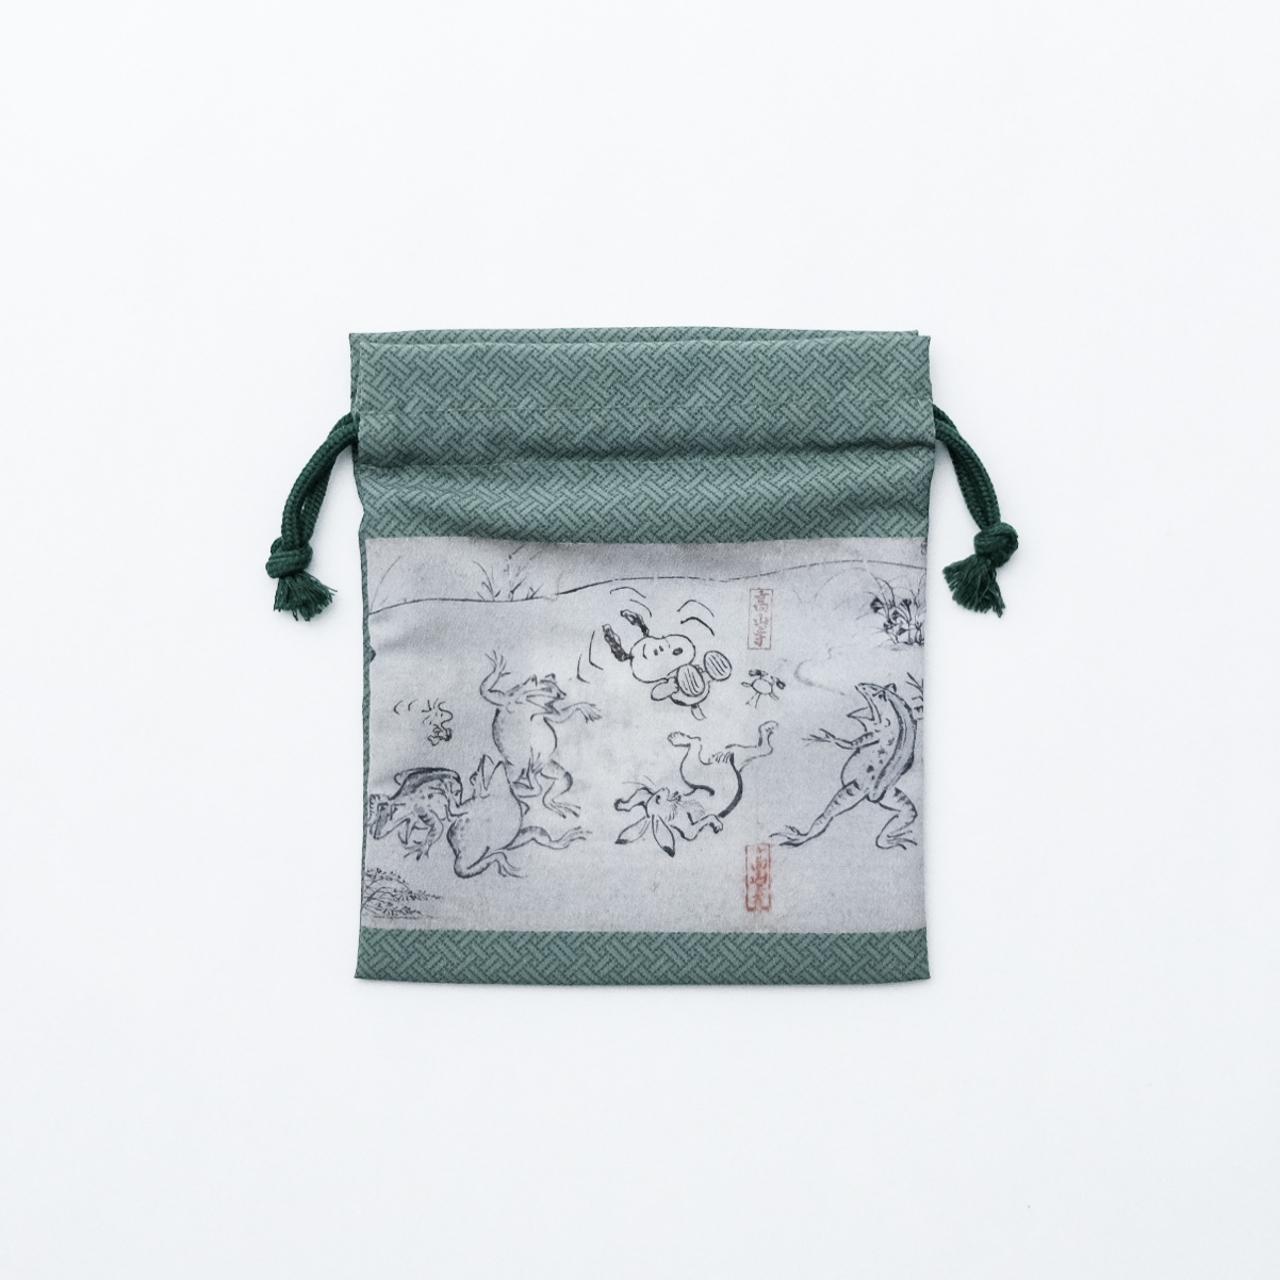 スヌーピー 巾着緑 鳥獣戯画